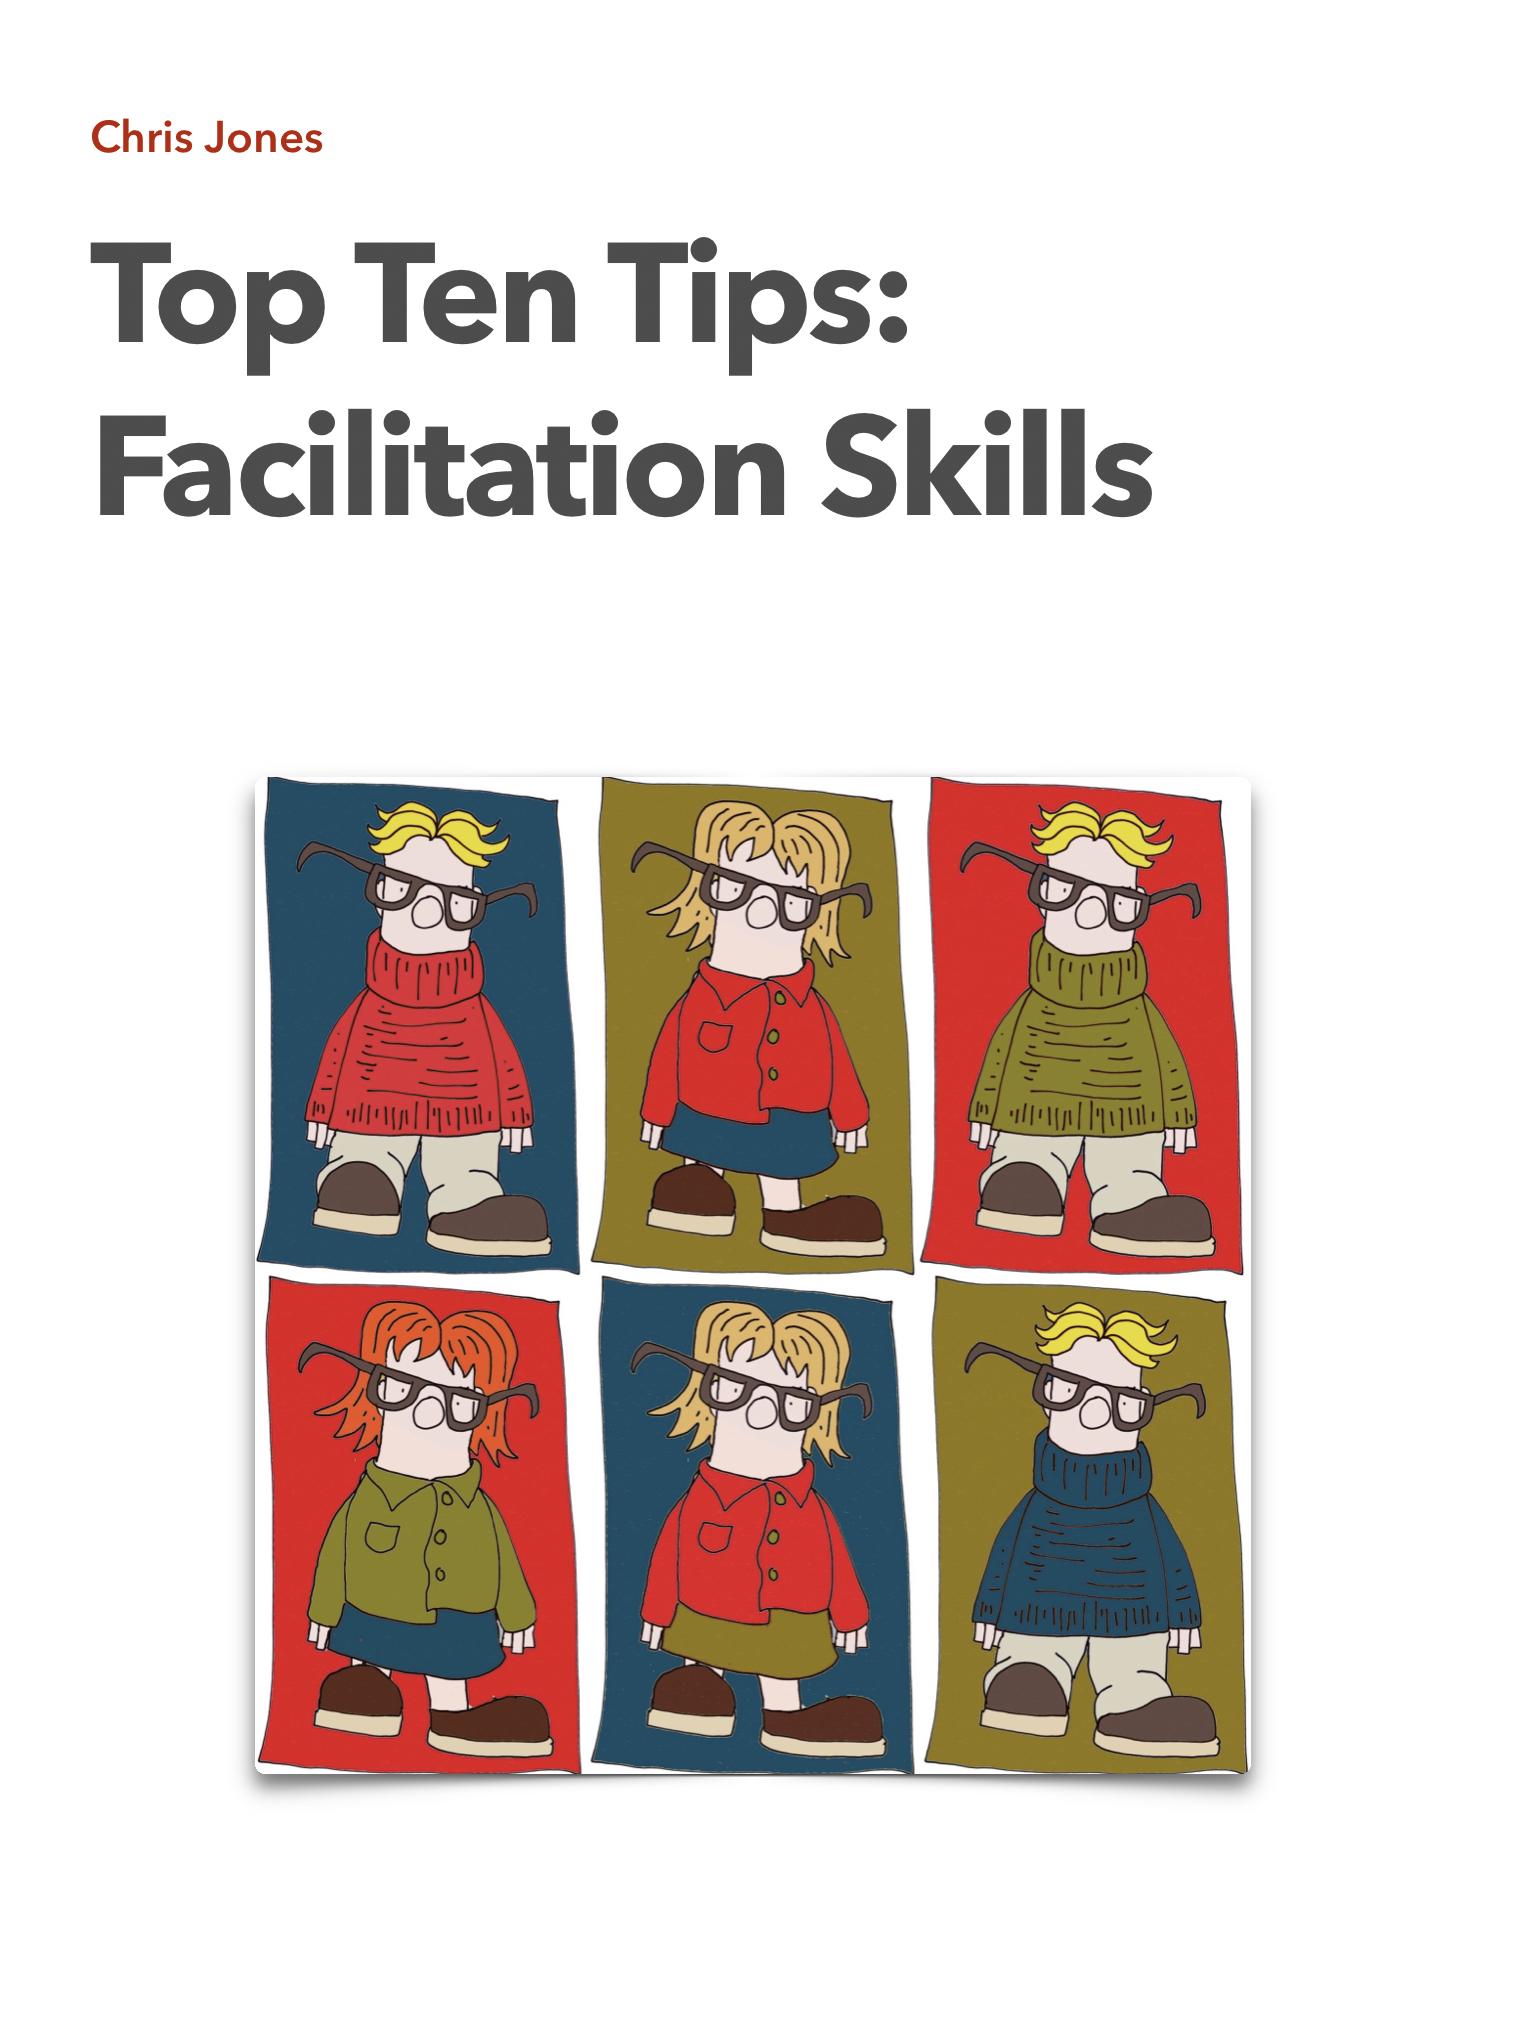 Top Ten Tips: Facilitation Skills